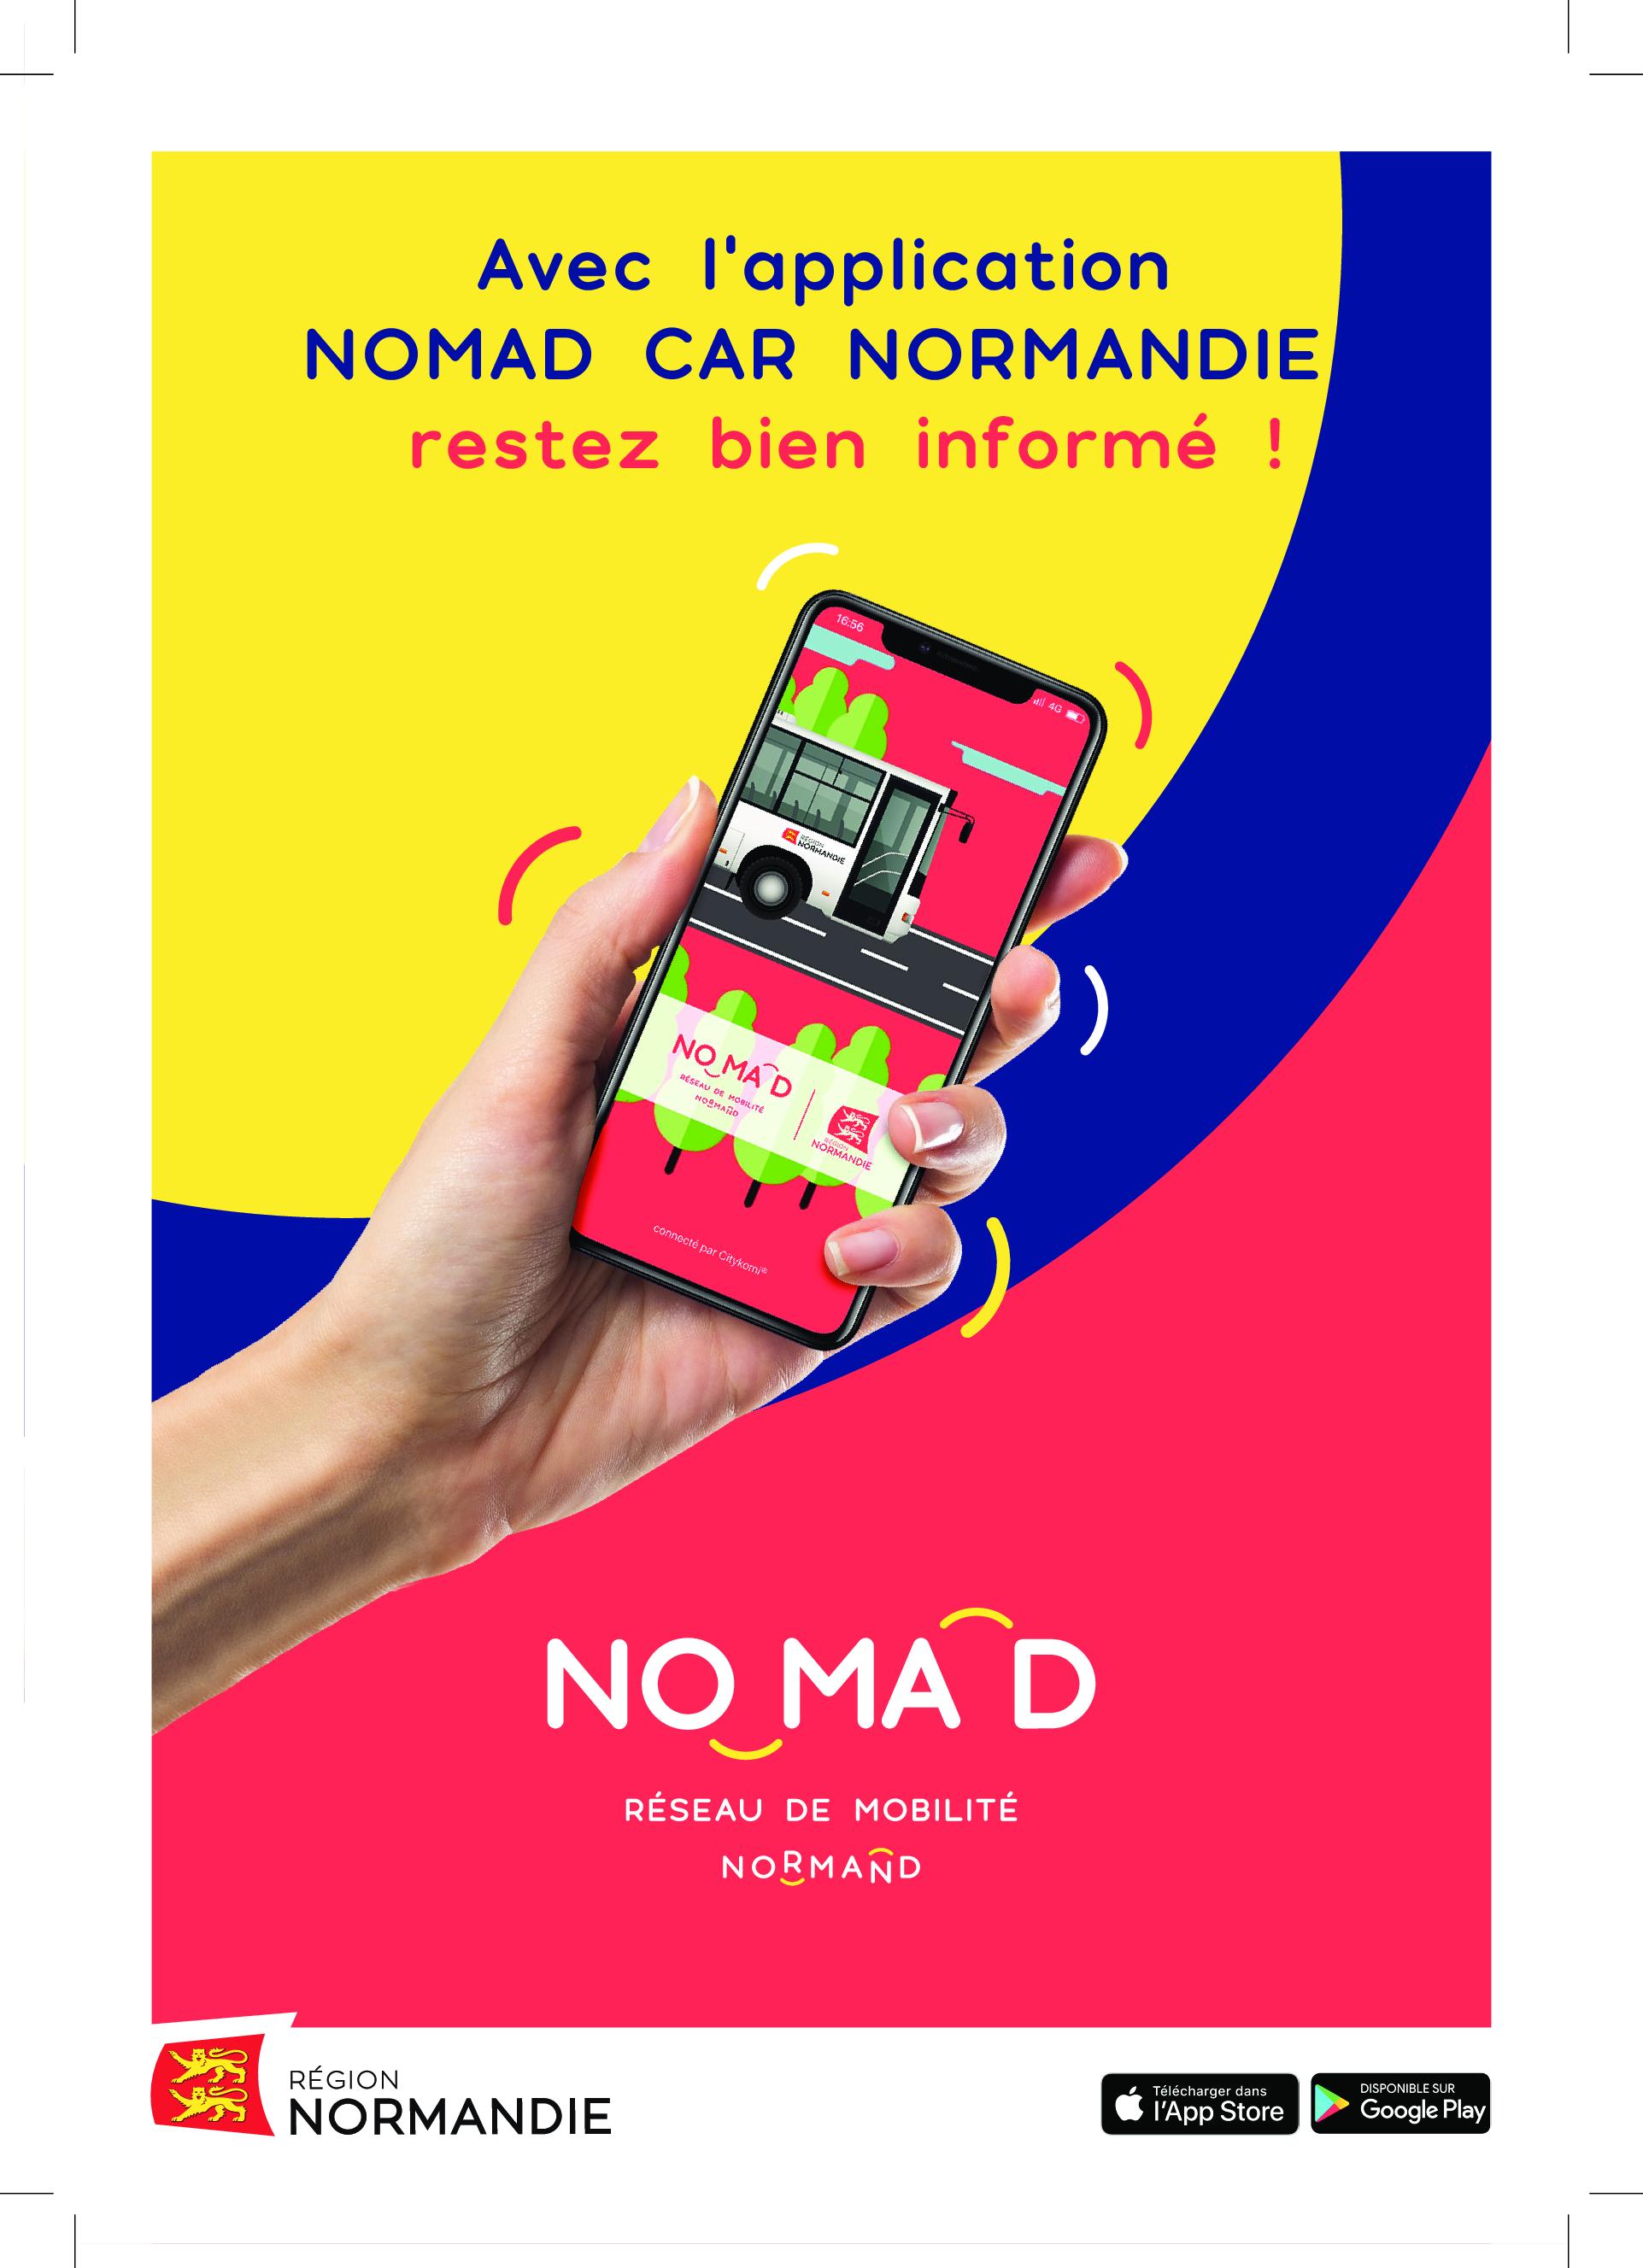 A5_FLYER_APPLI_NOMAD_CAR_2021.03-0.png